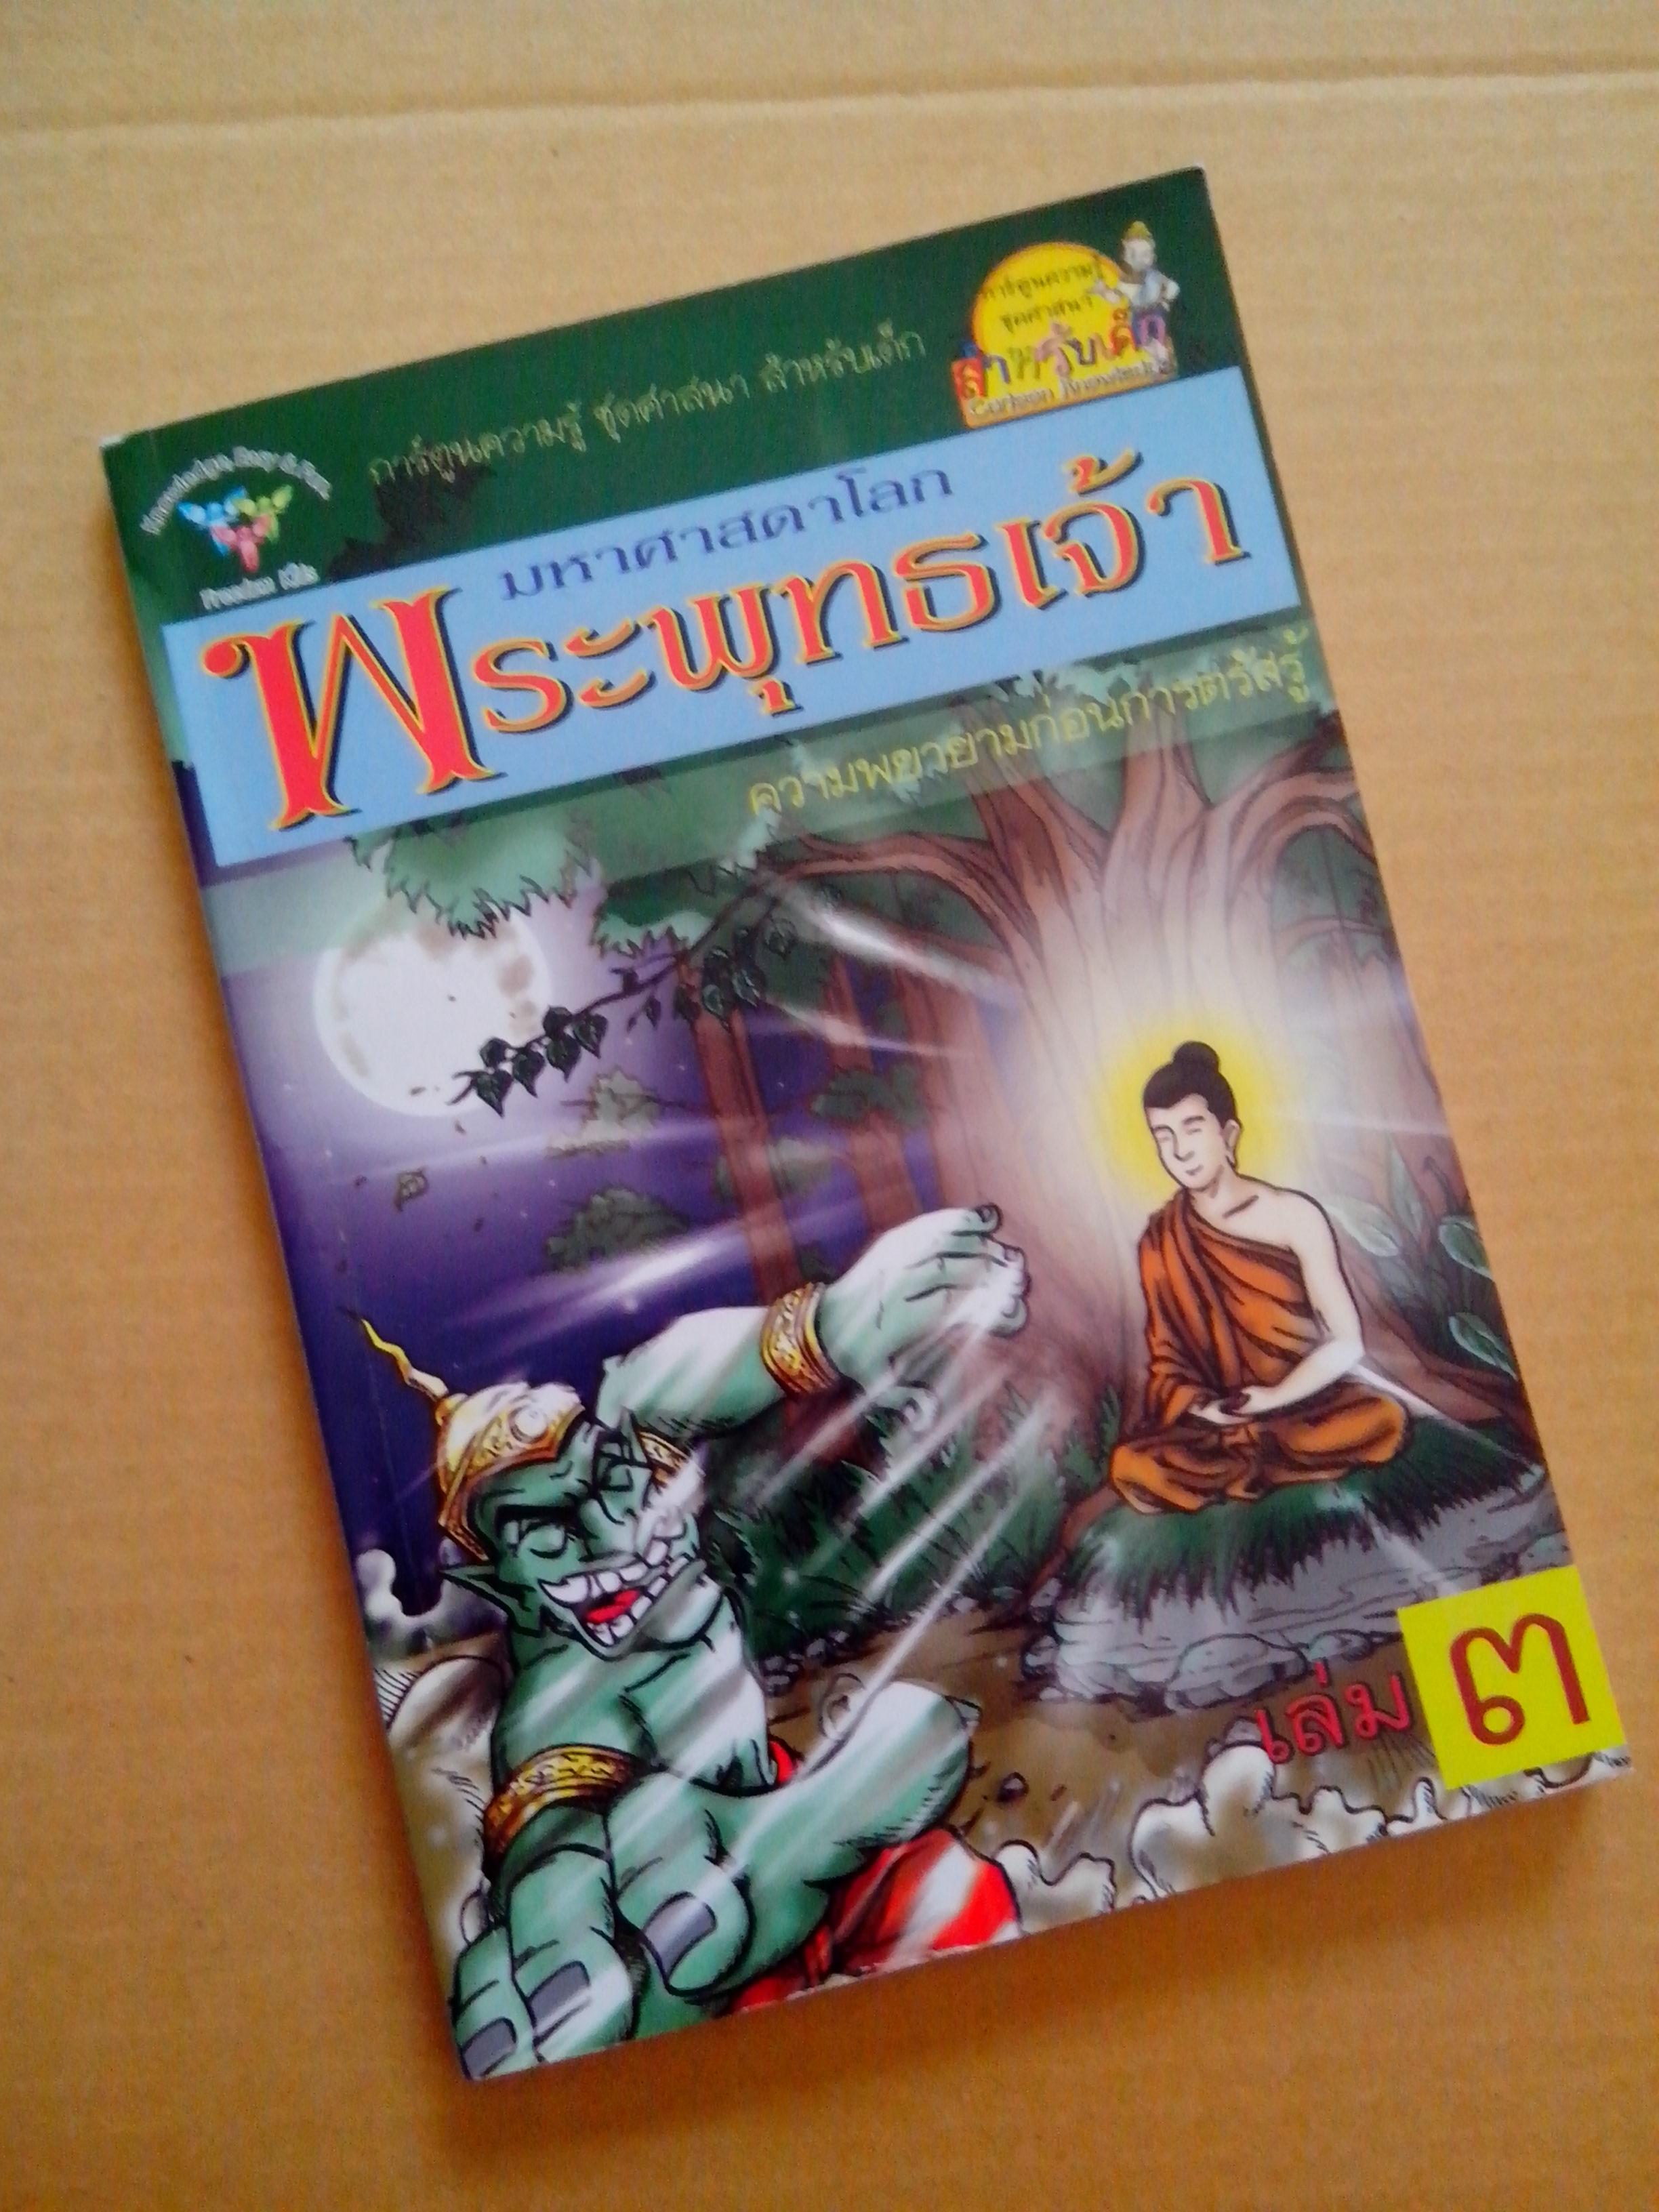 มหาศาสดาโลก 3 พระพุทธเจ้า เล่ม ๓ ตอน ความพยายามก่อนการตรัสรู้